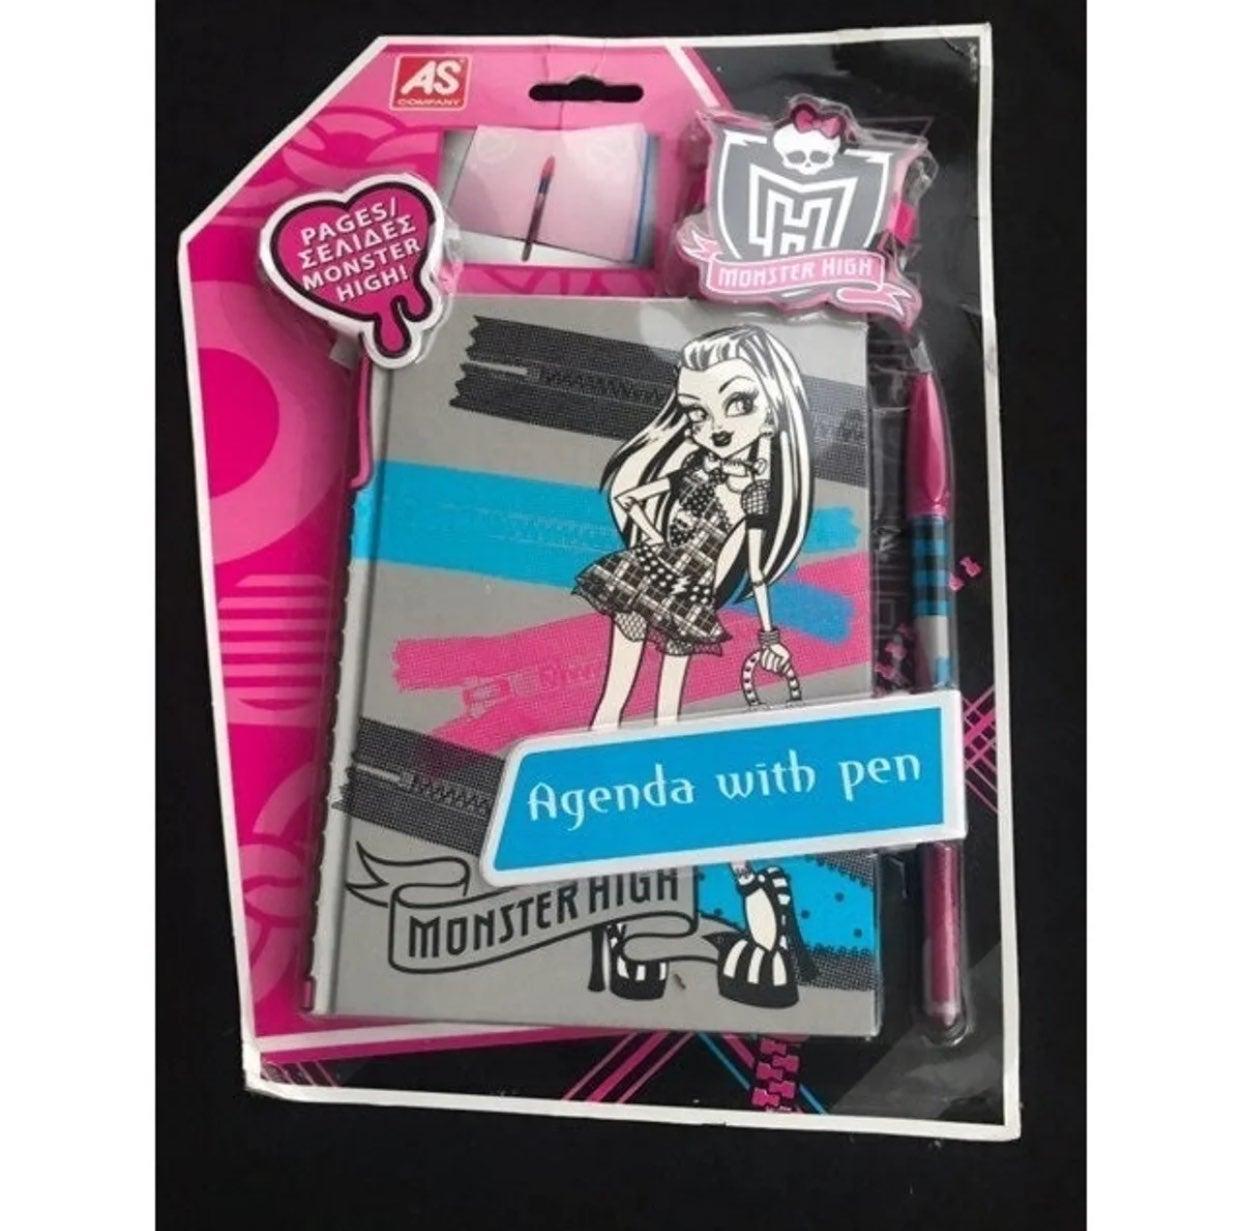 Monster High Agenda With Pen